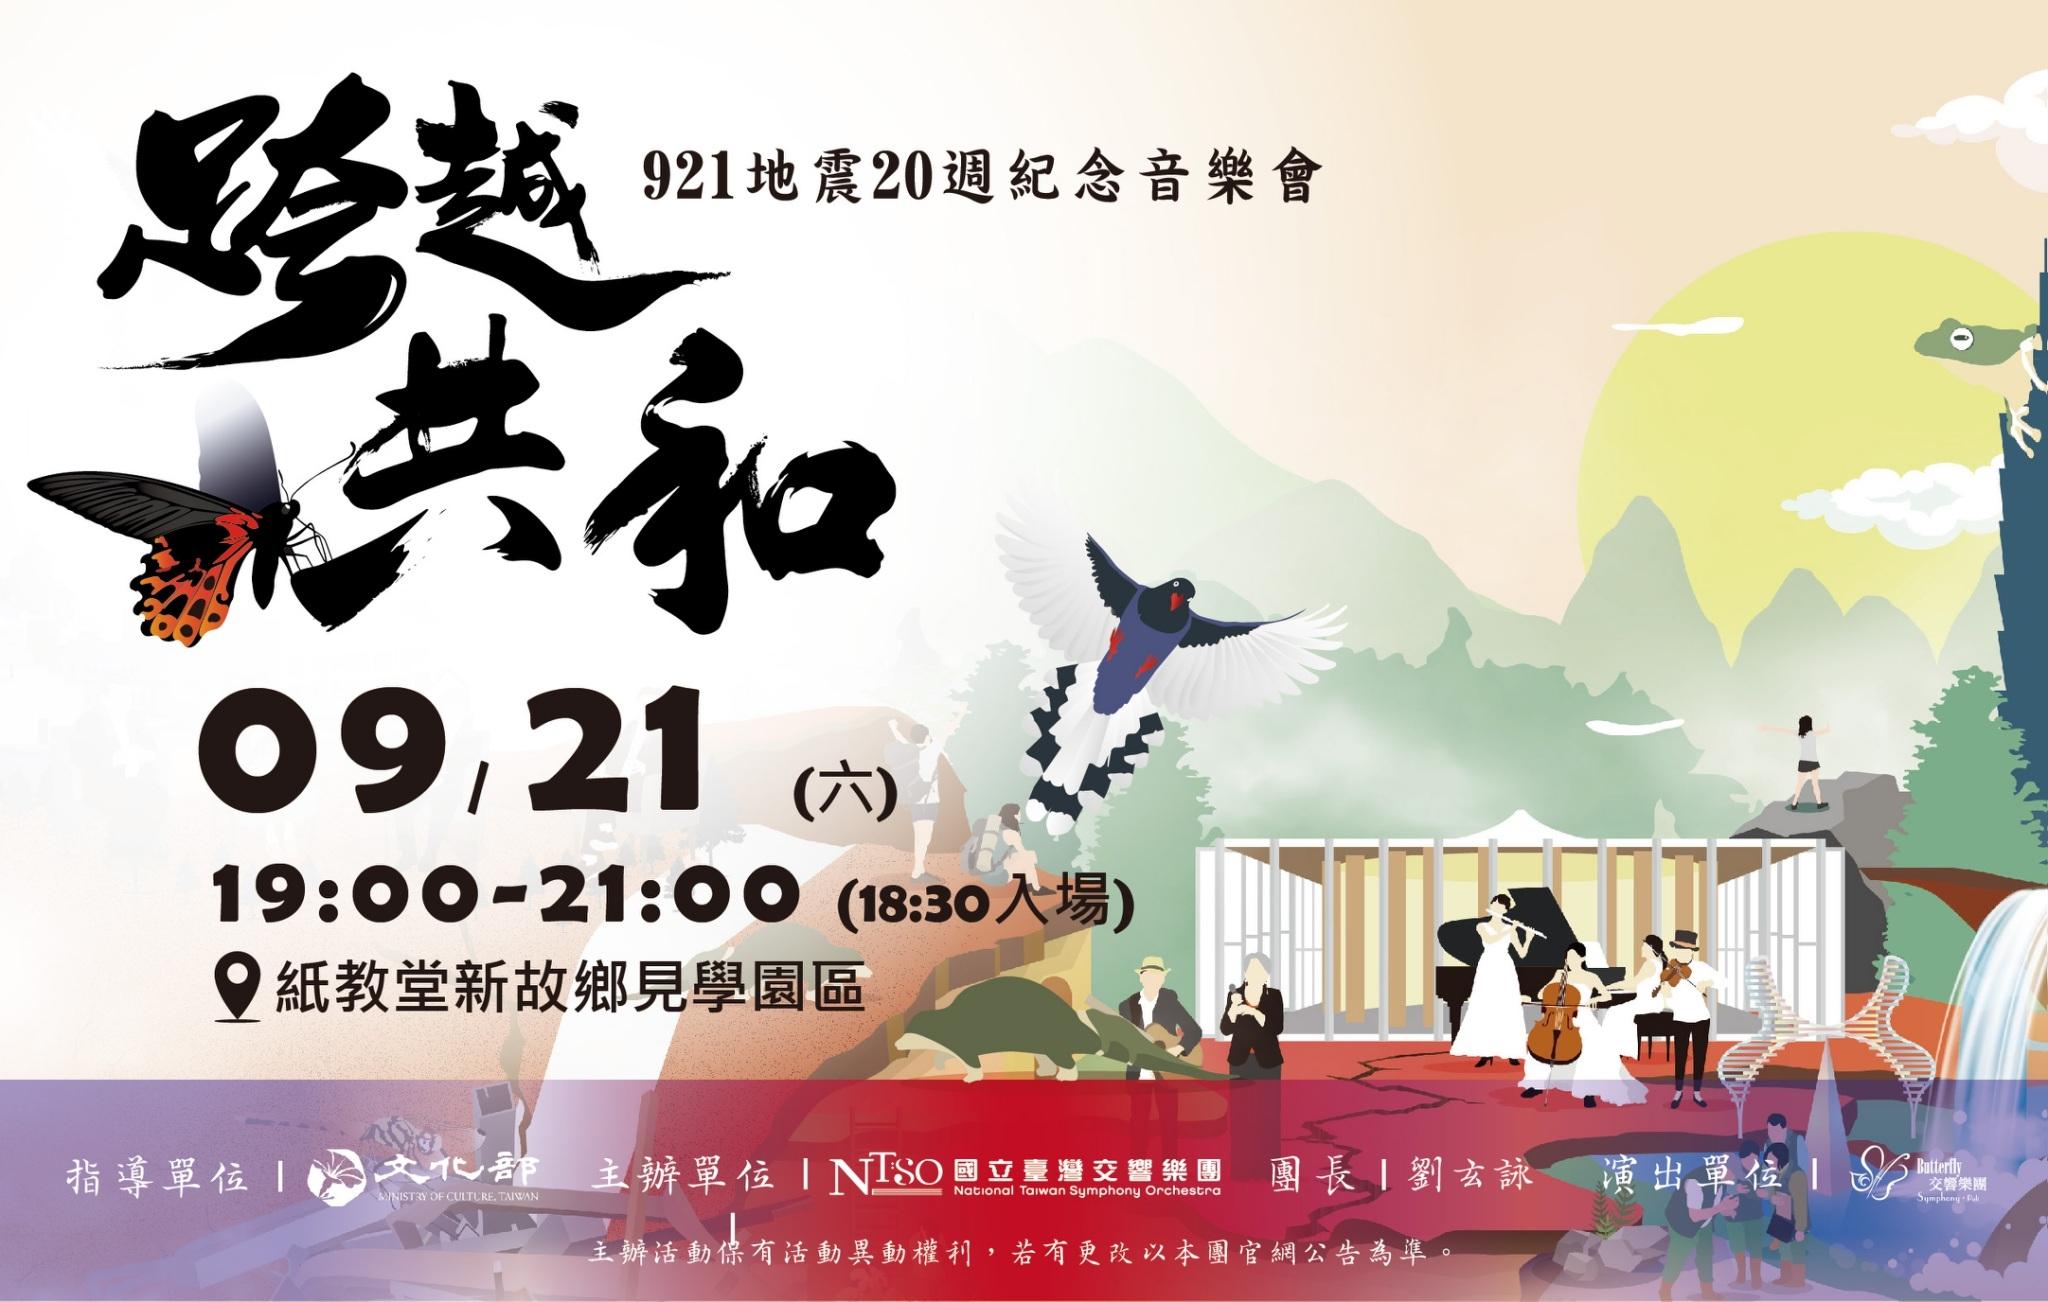 「跨越共和」921地震20週年紀念音樂會